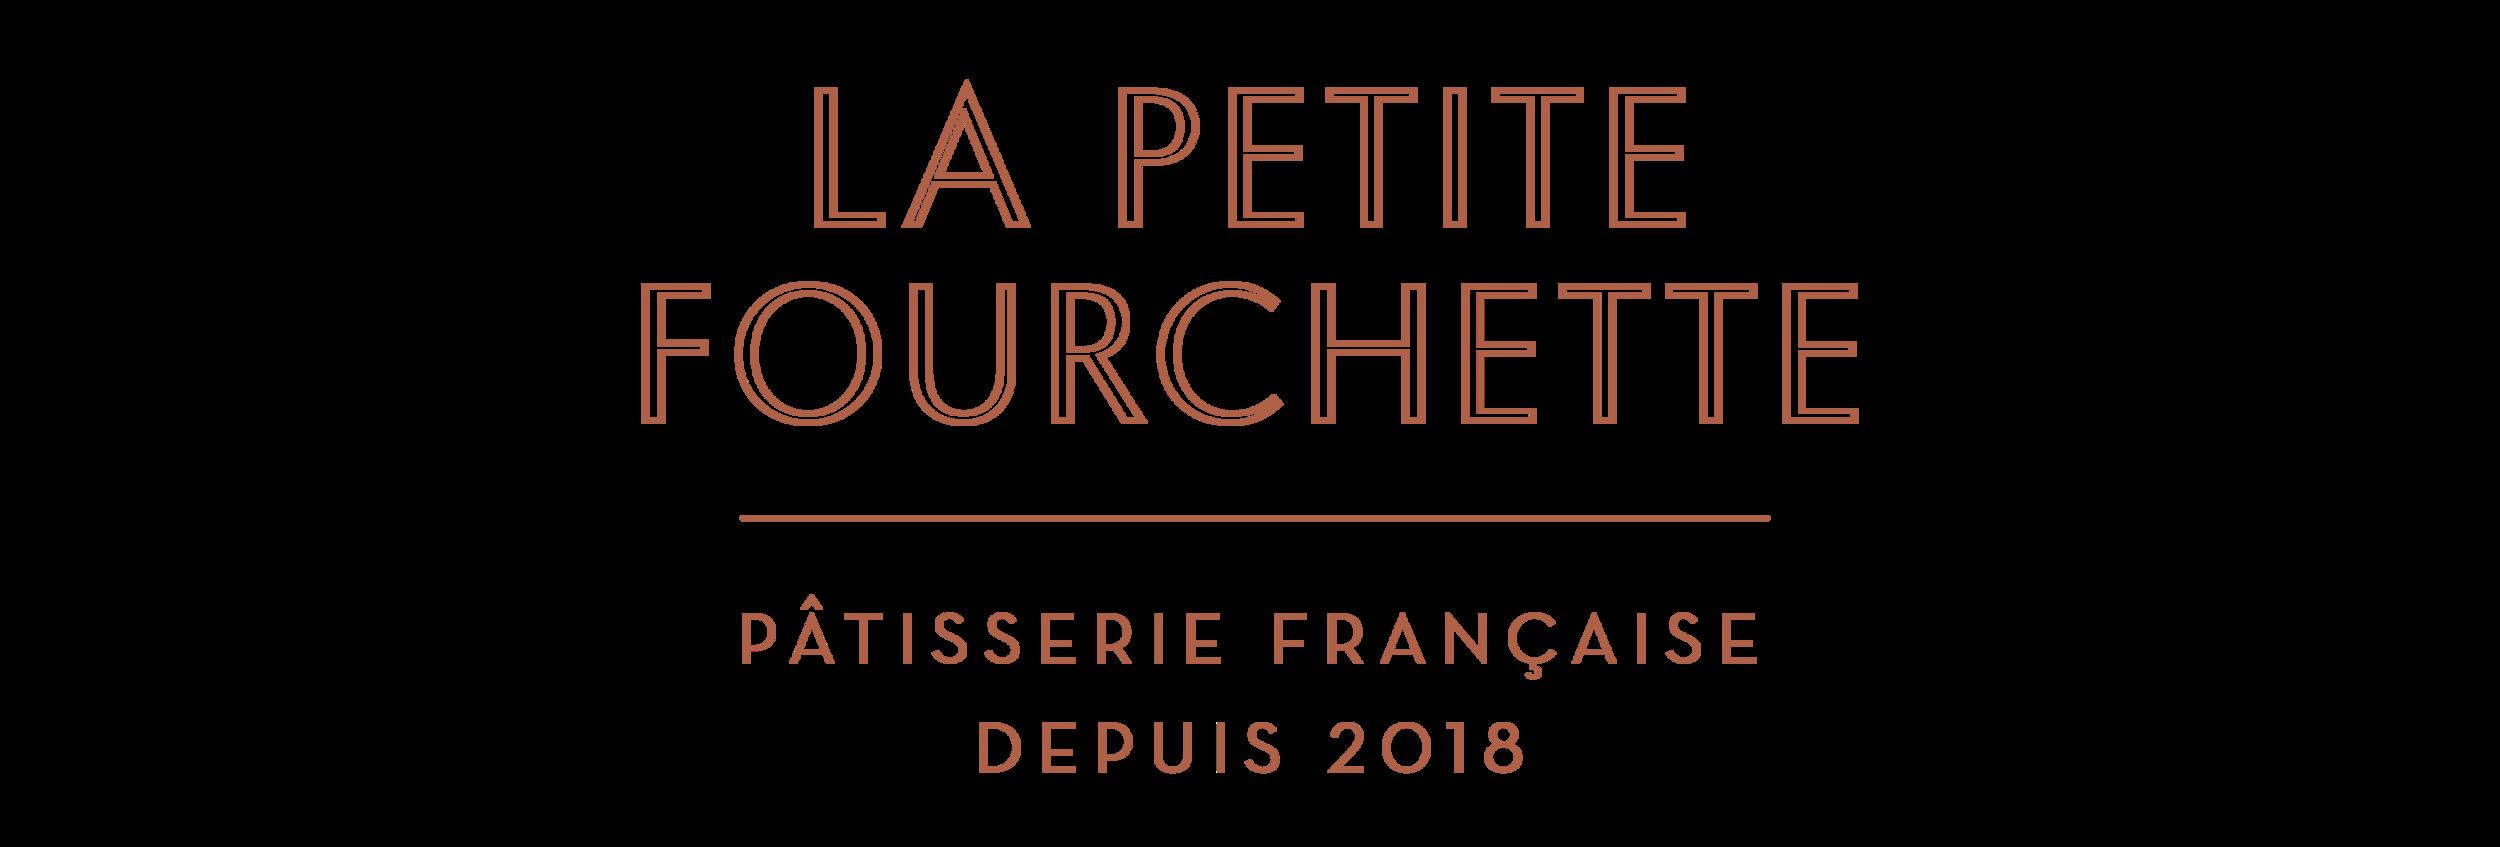 La Petite Fourchette - Logos RGB 01 - Squarespace.png